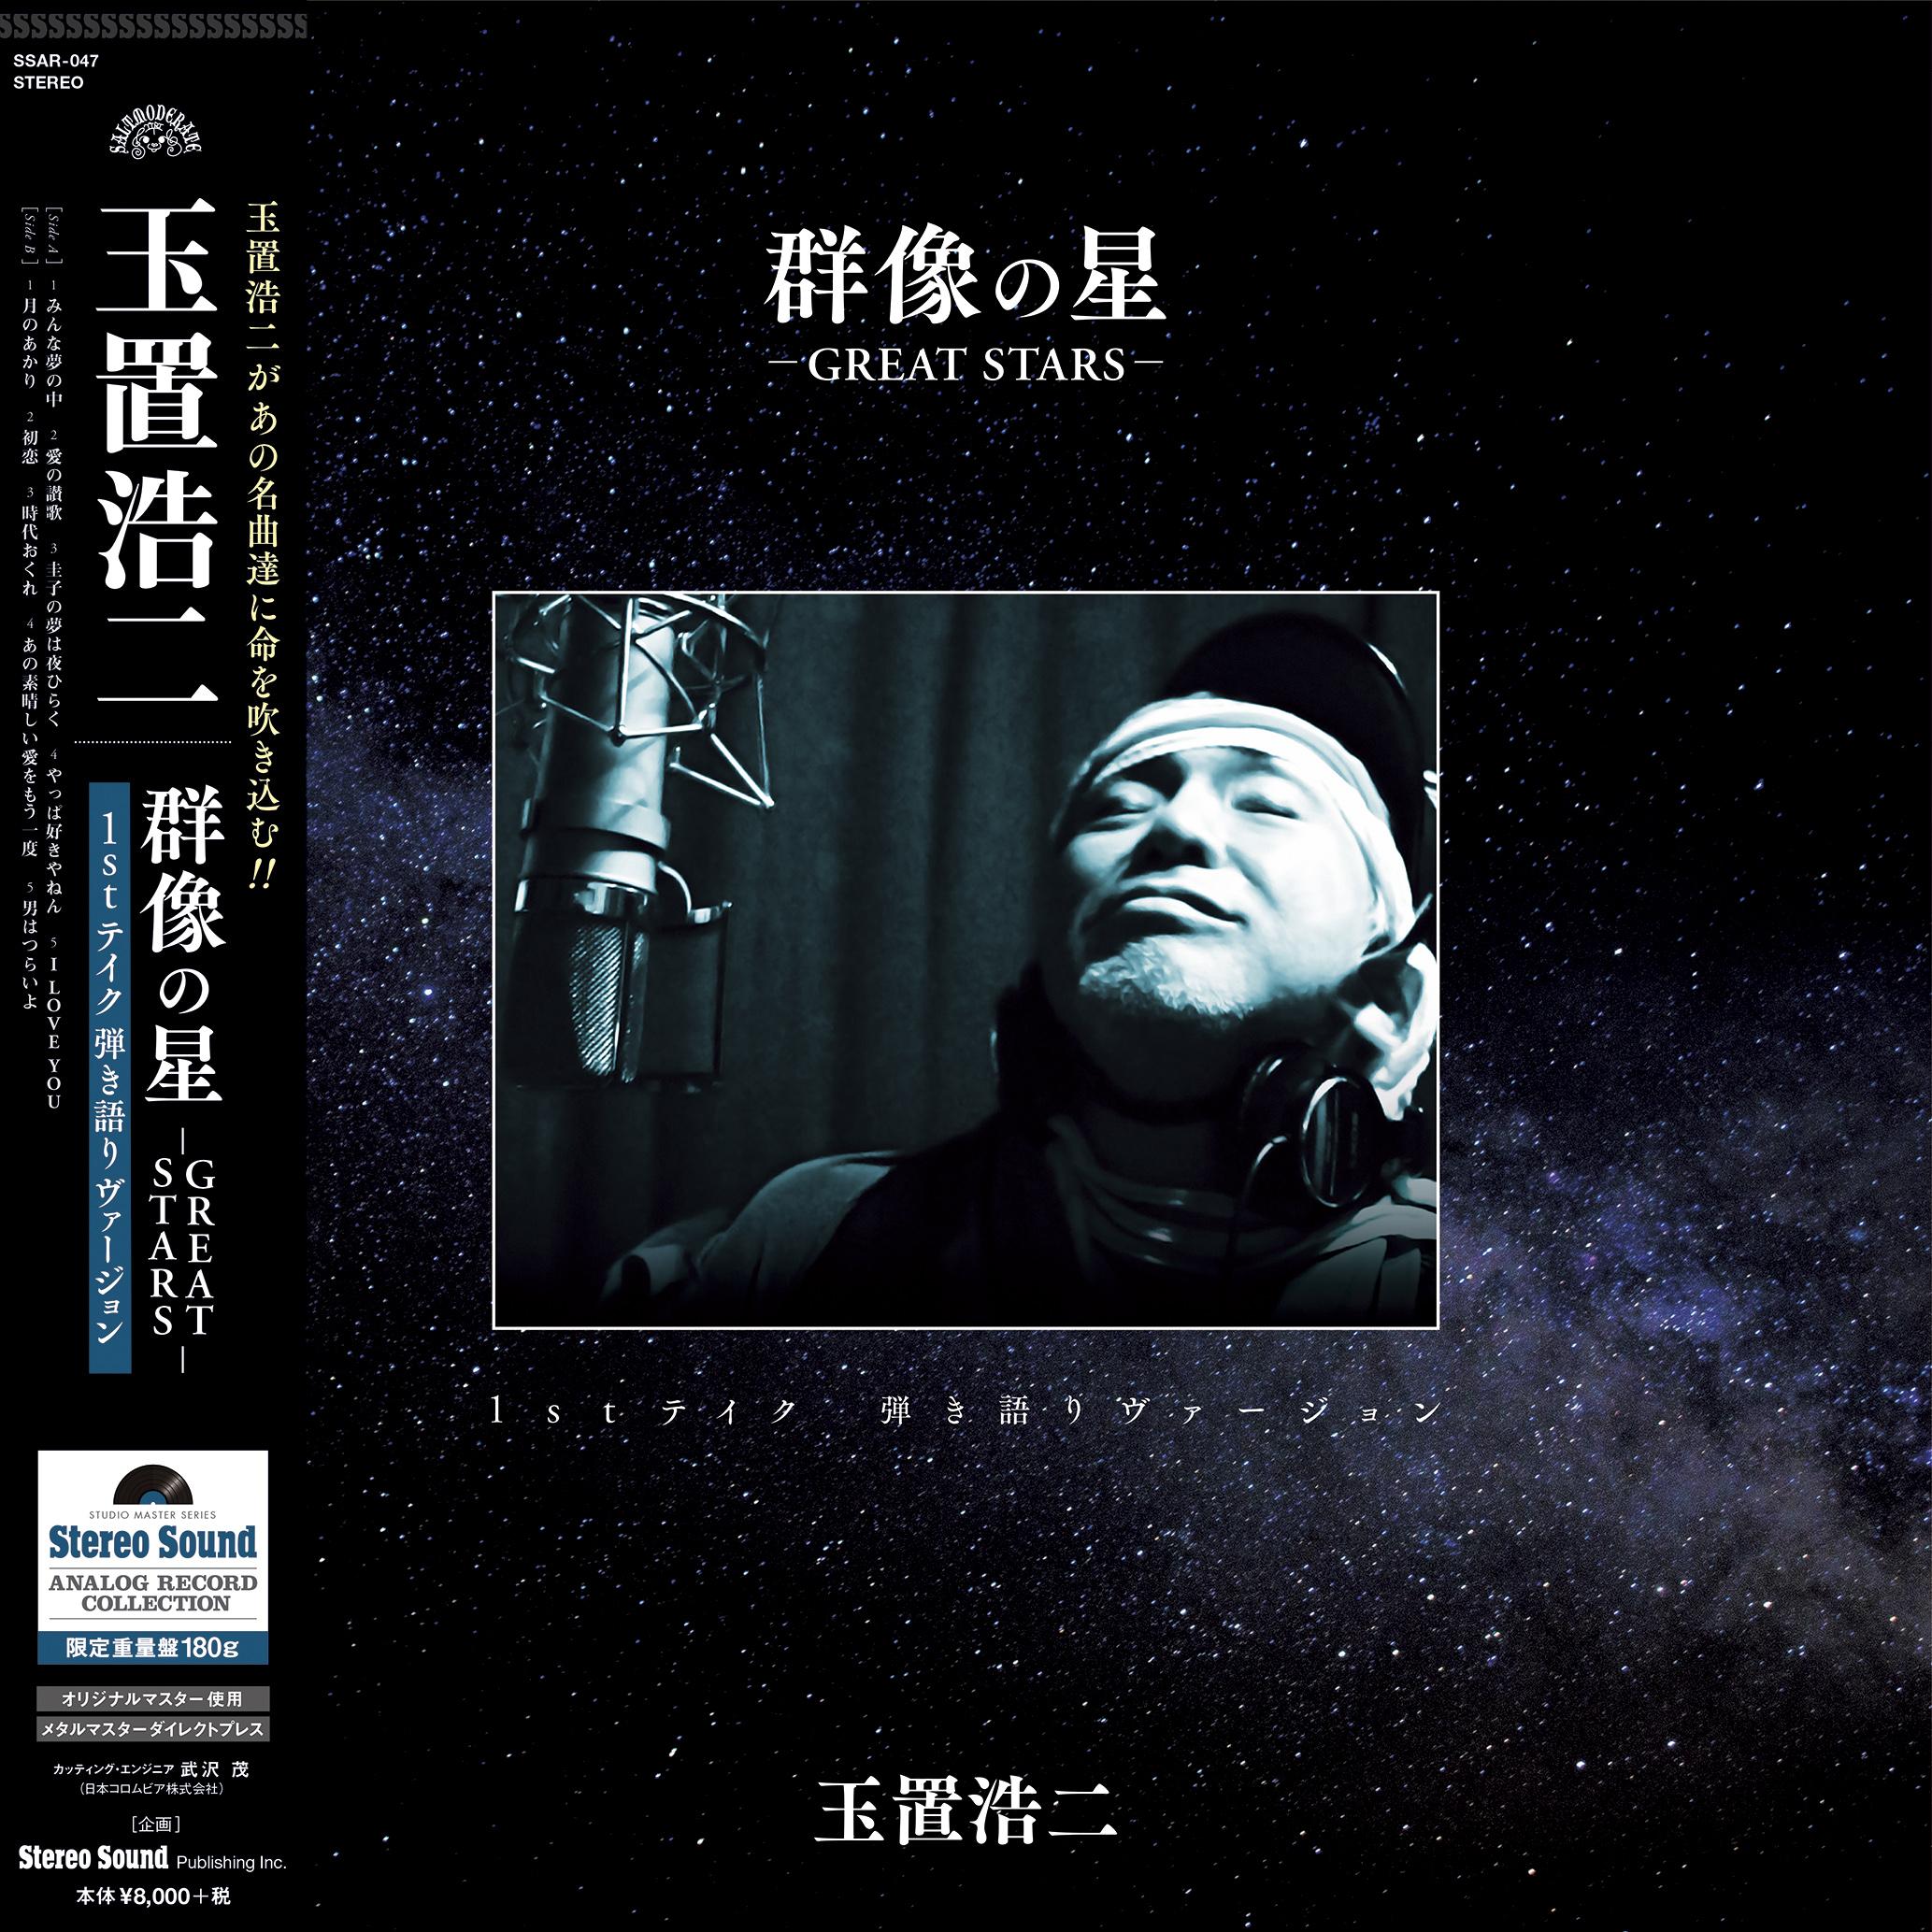 玉置浩二「群像の星」(アナログレコード盤)